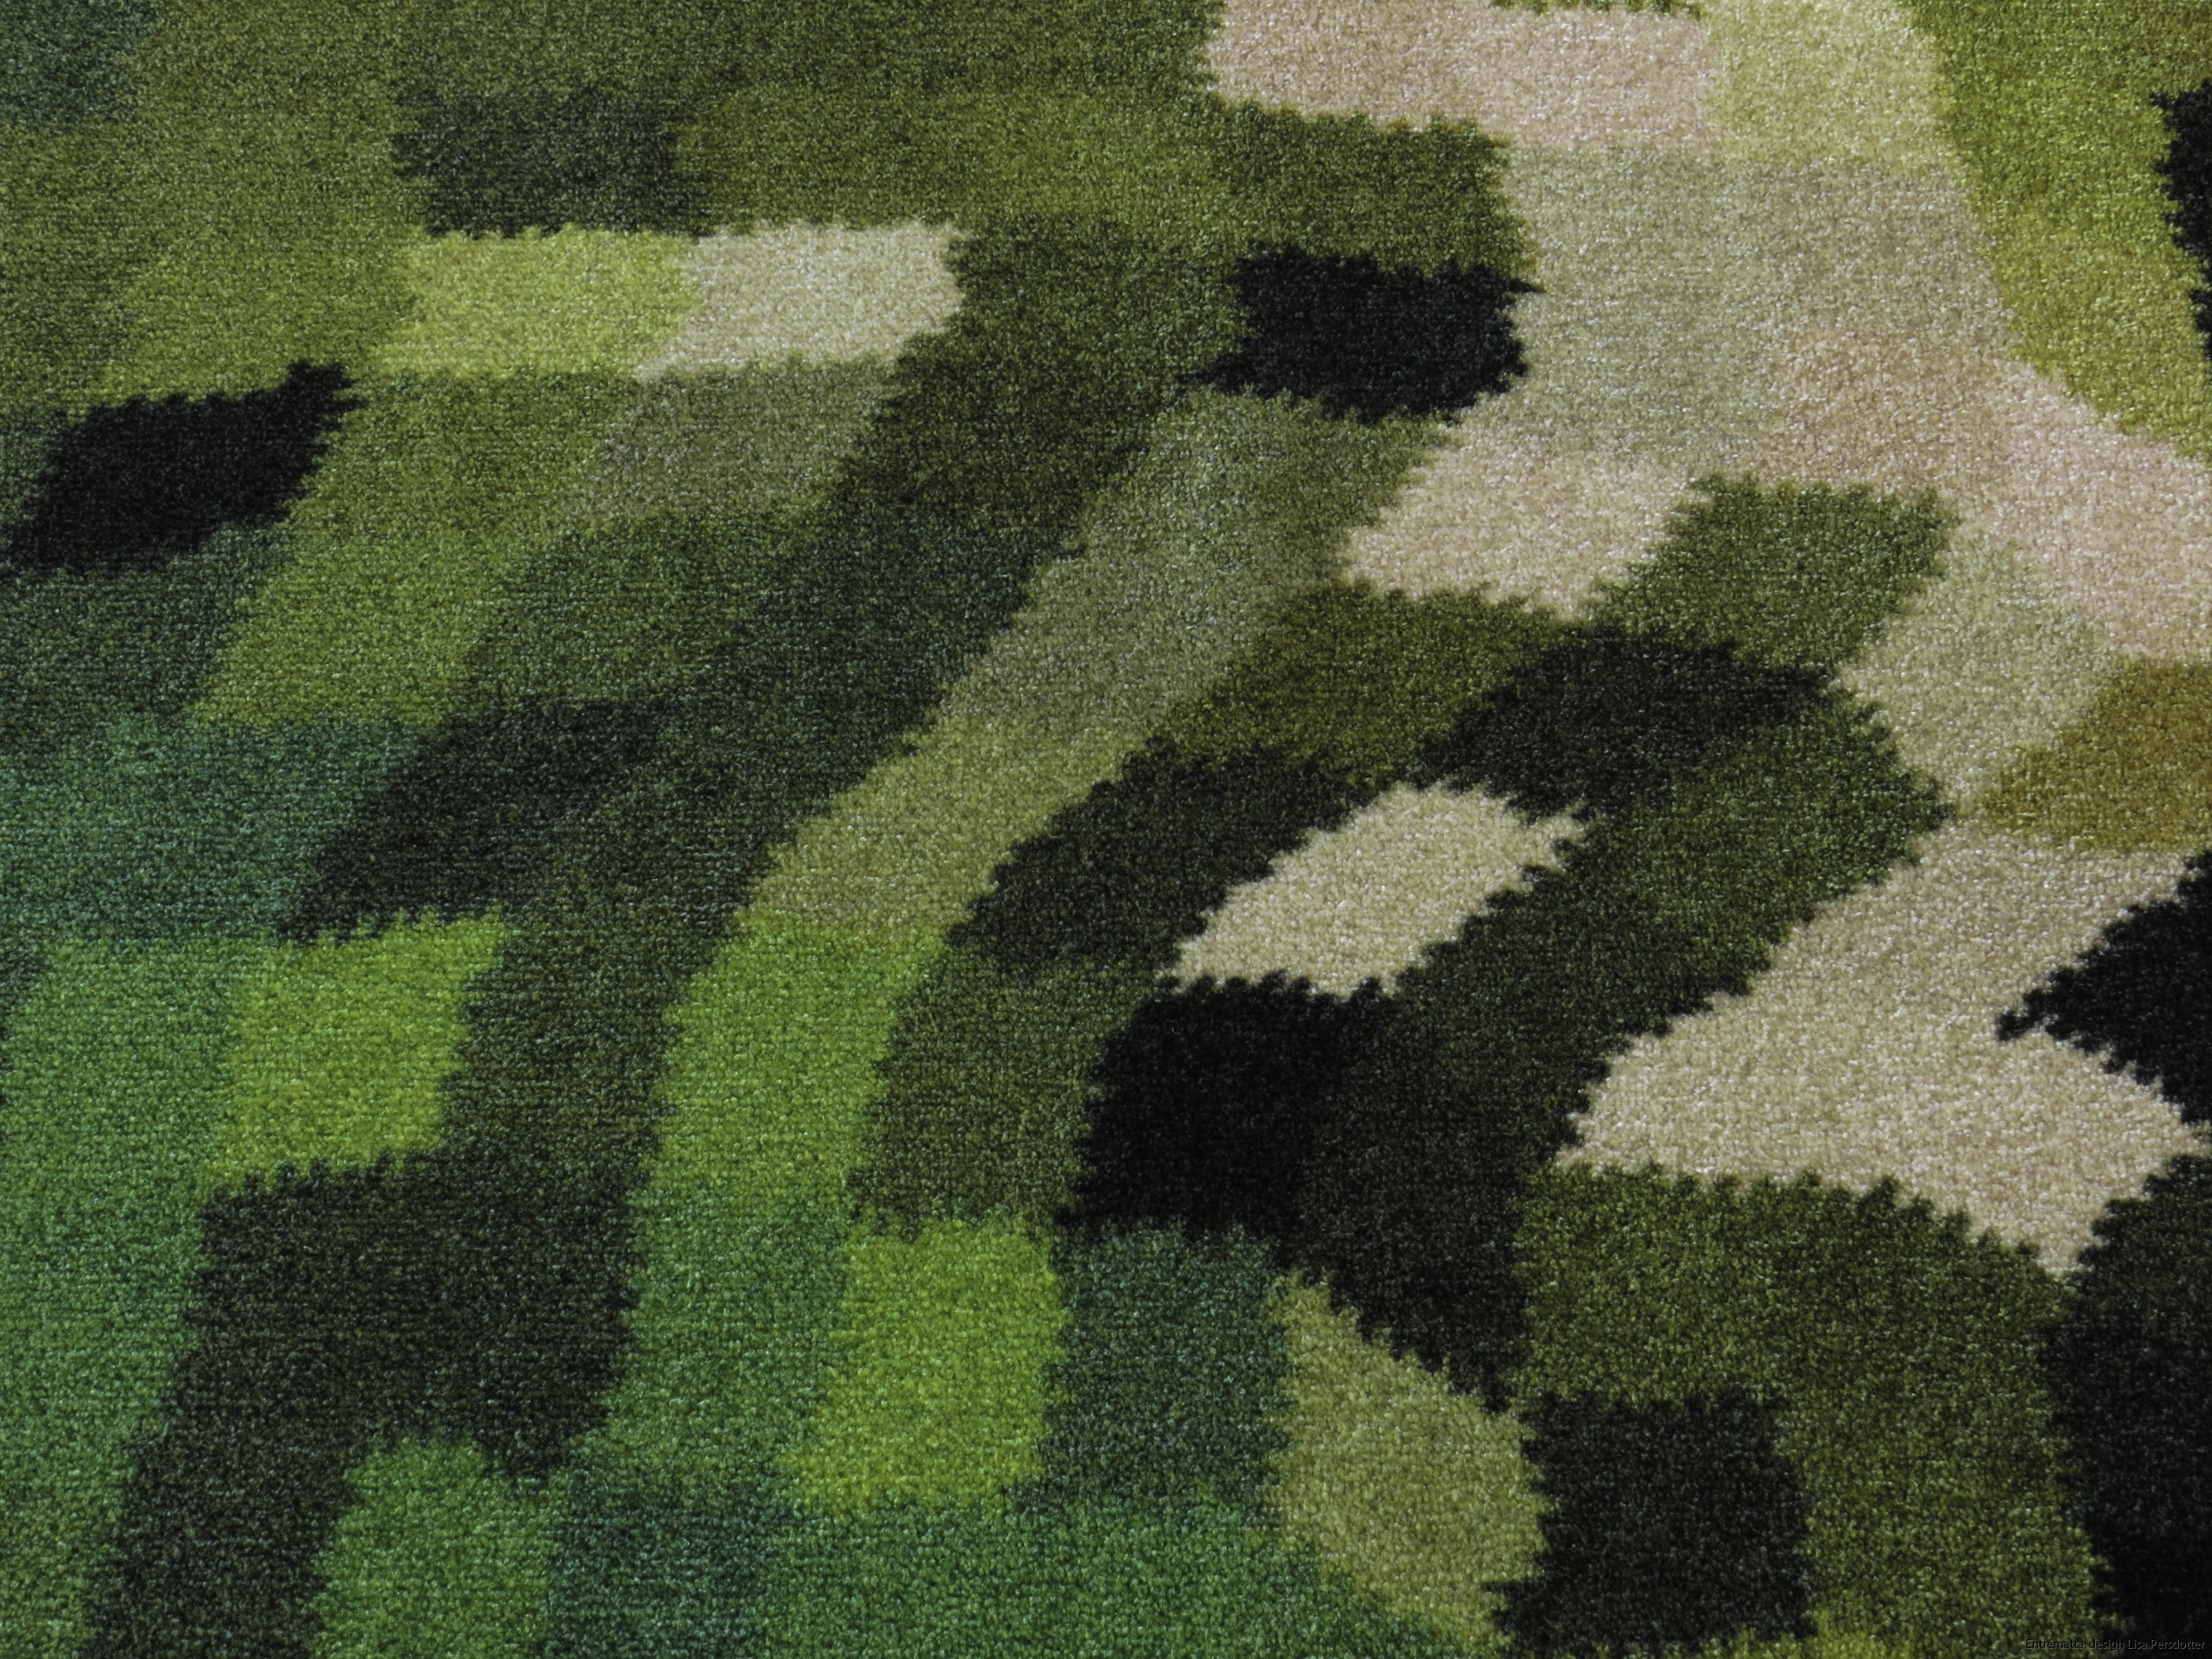 entrematta grön tvättbar 60 grader Lisa Persdotter colorjoy.se